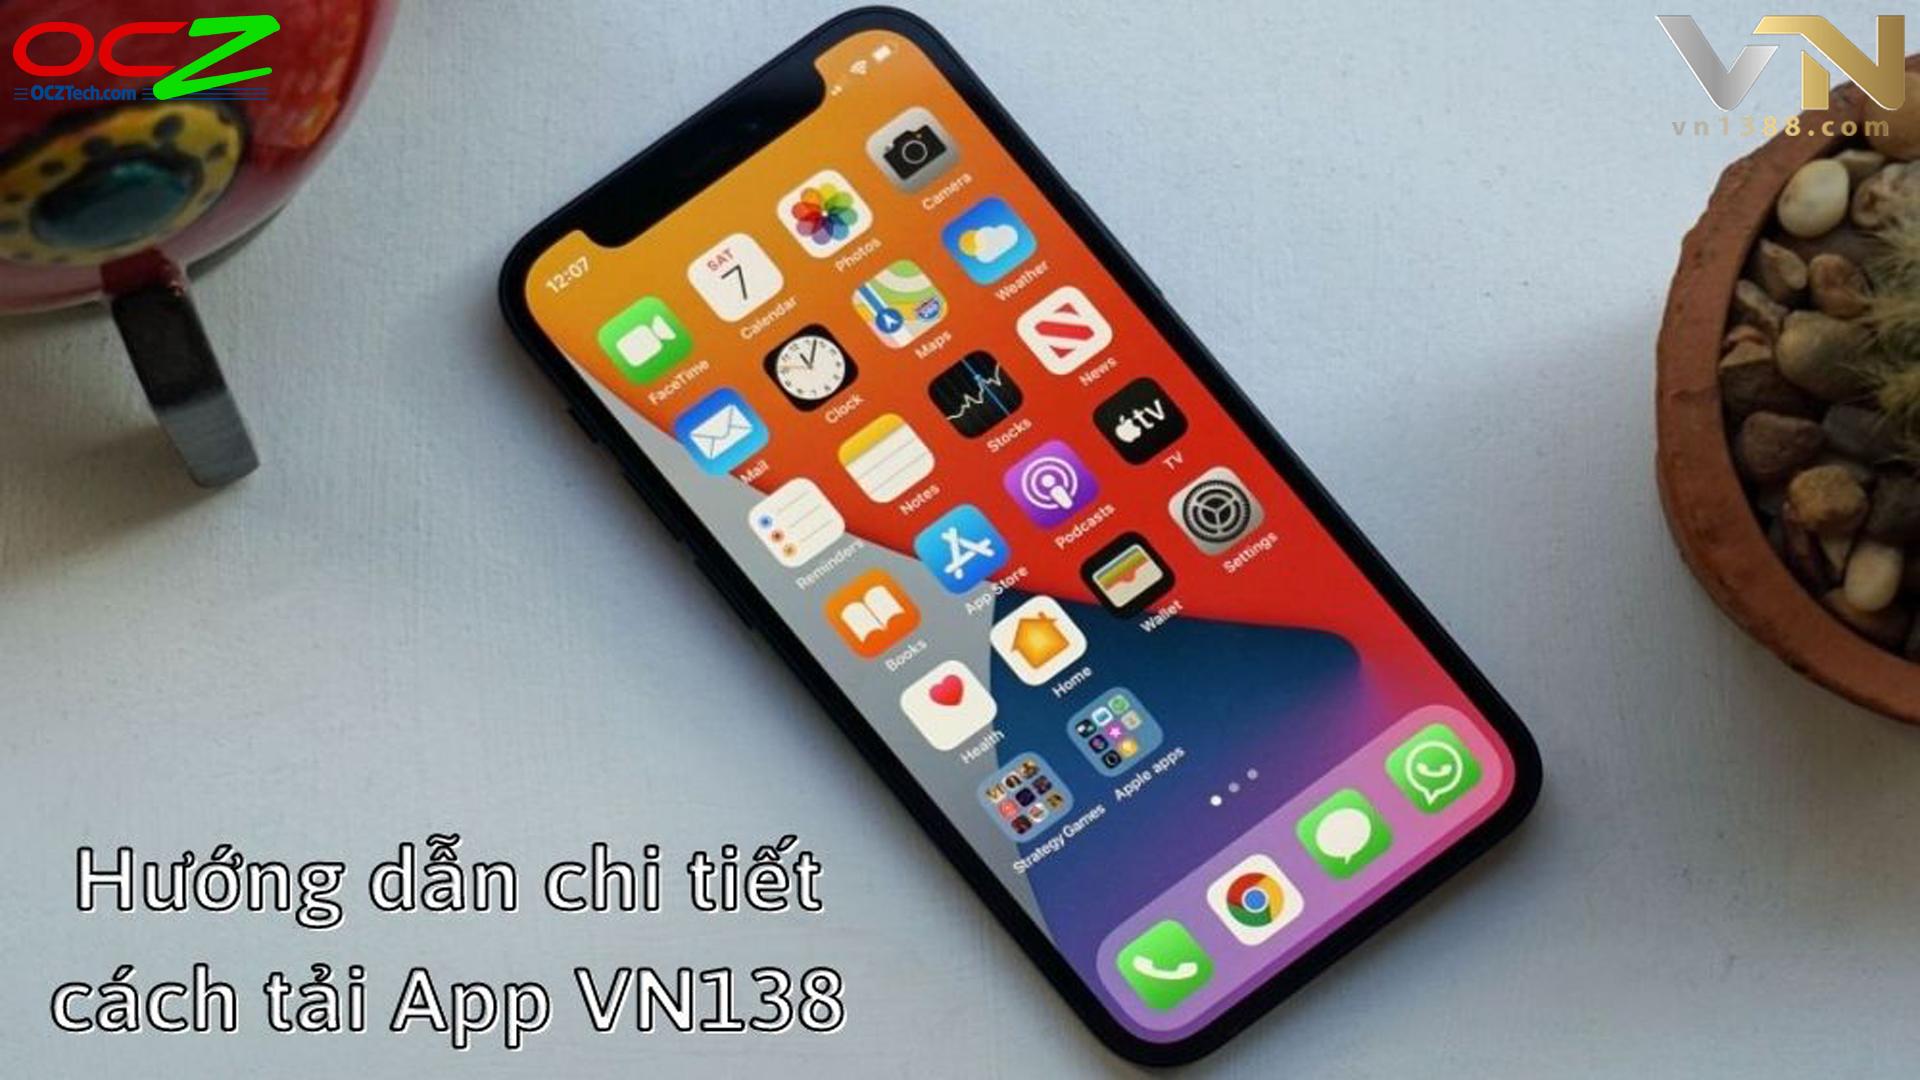 Tham gia bằng ứng dụng cá cược Vn138